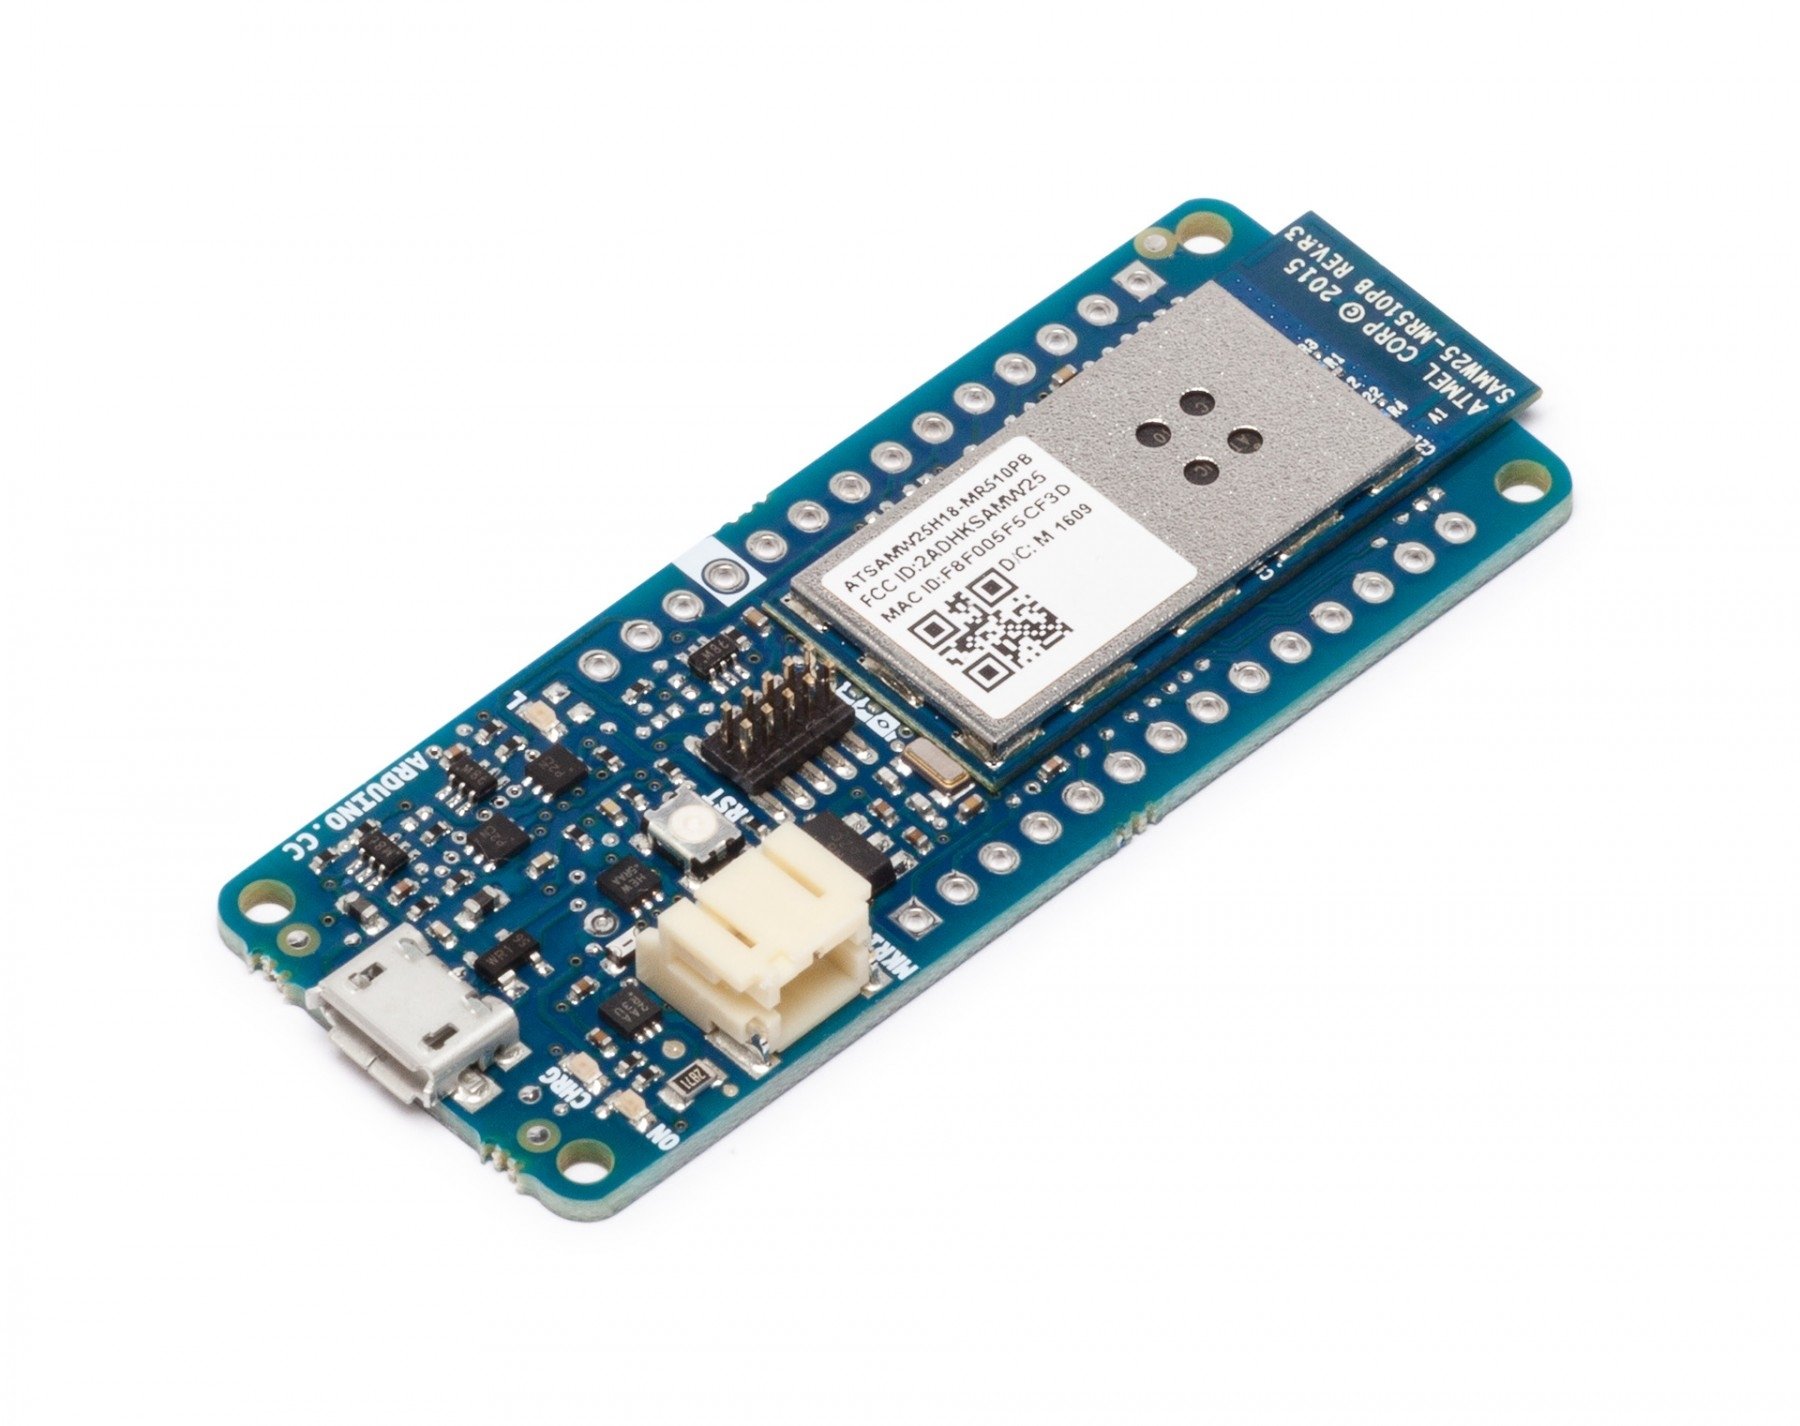 Arduino Mkr1000 Plattformen Exp Tech Breadboard Power Supply Kit 5v 33v Quickstart Guide Sparkfun